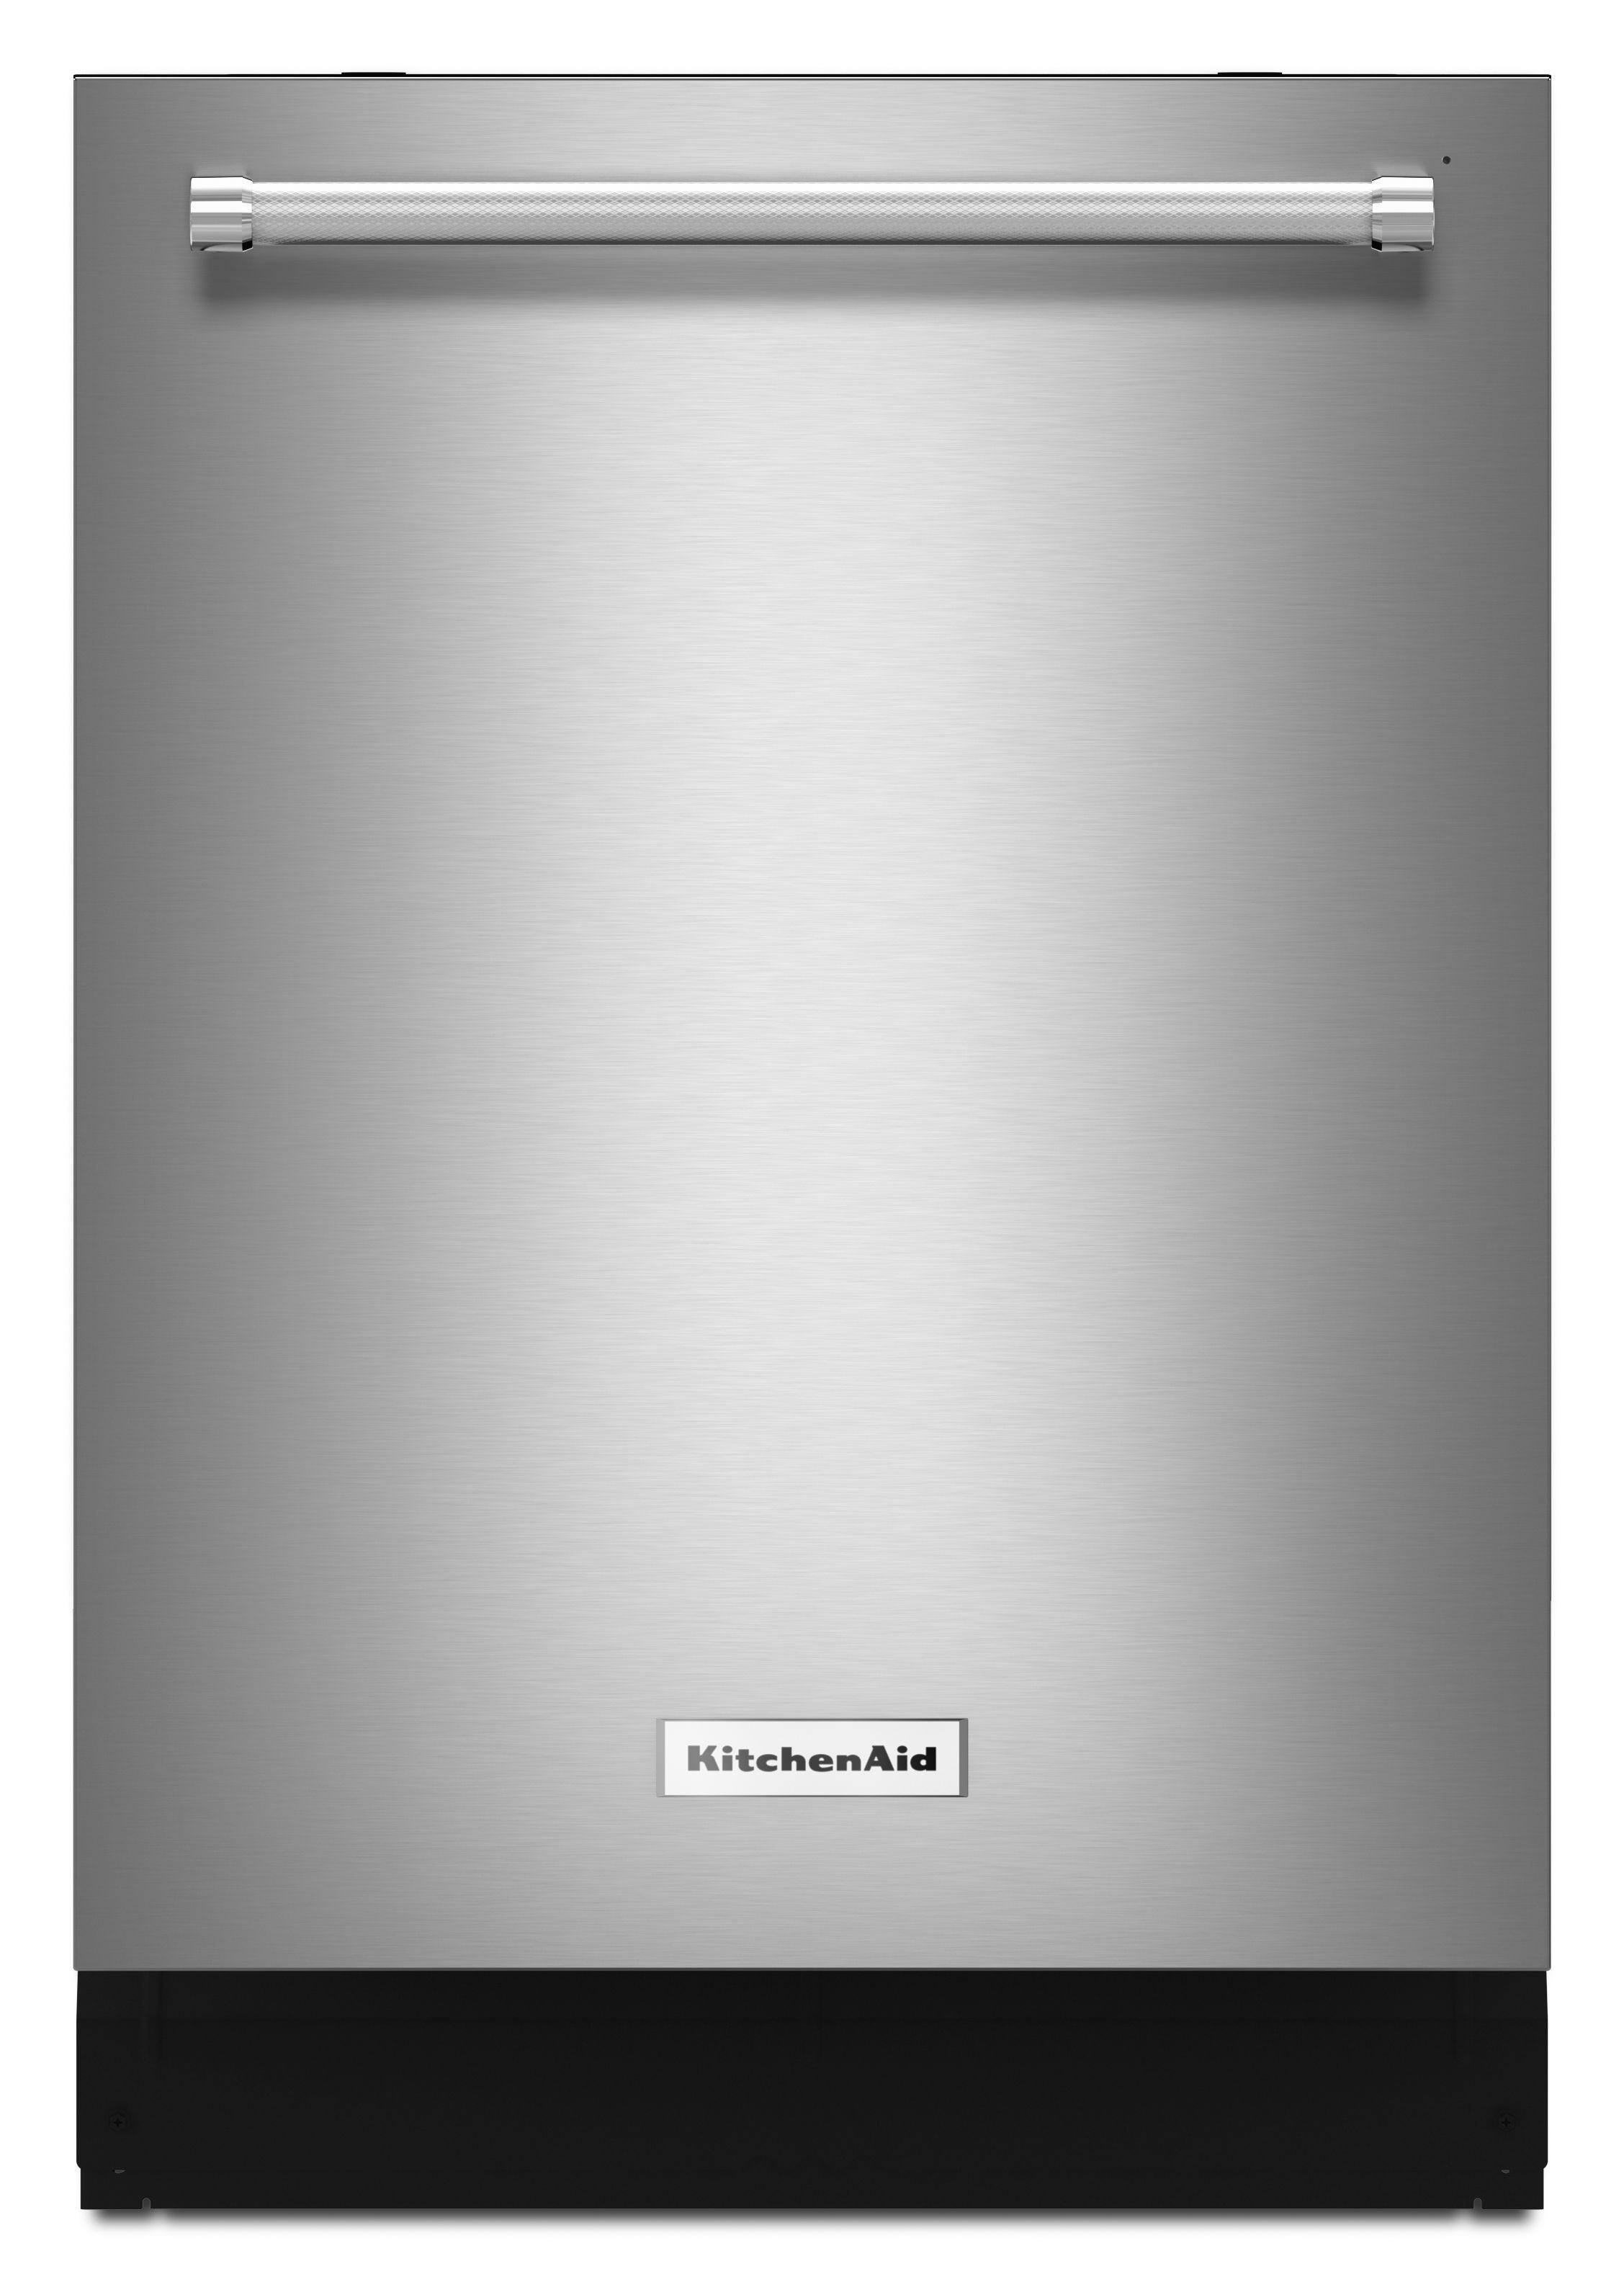 Kitchenaid 24 Built In Dishwasher Printshield Stainless Steel Kdte334gps